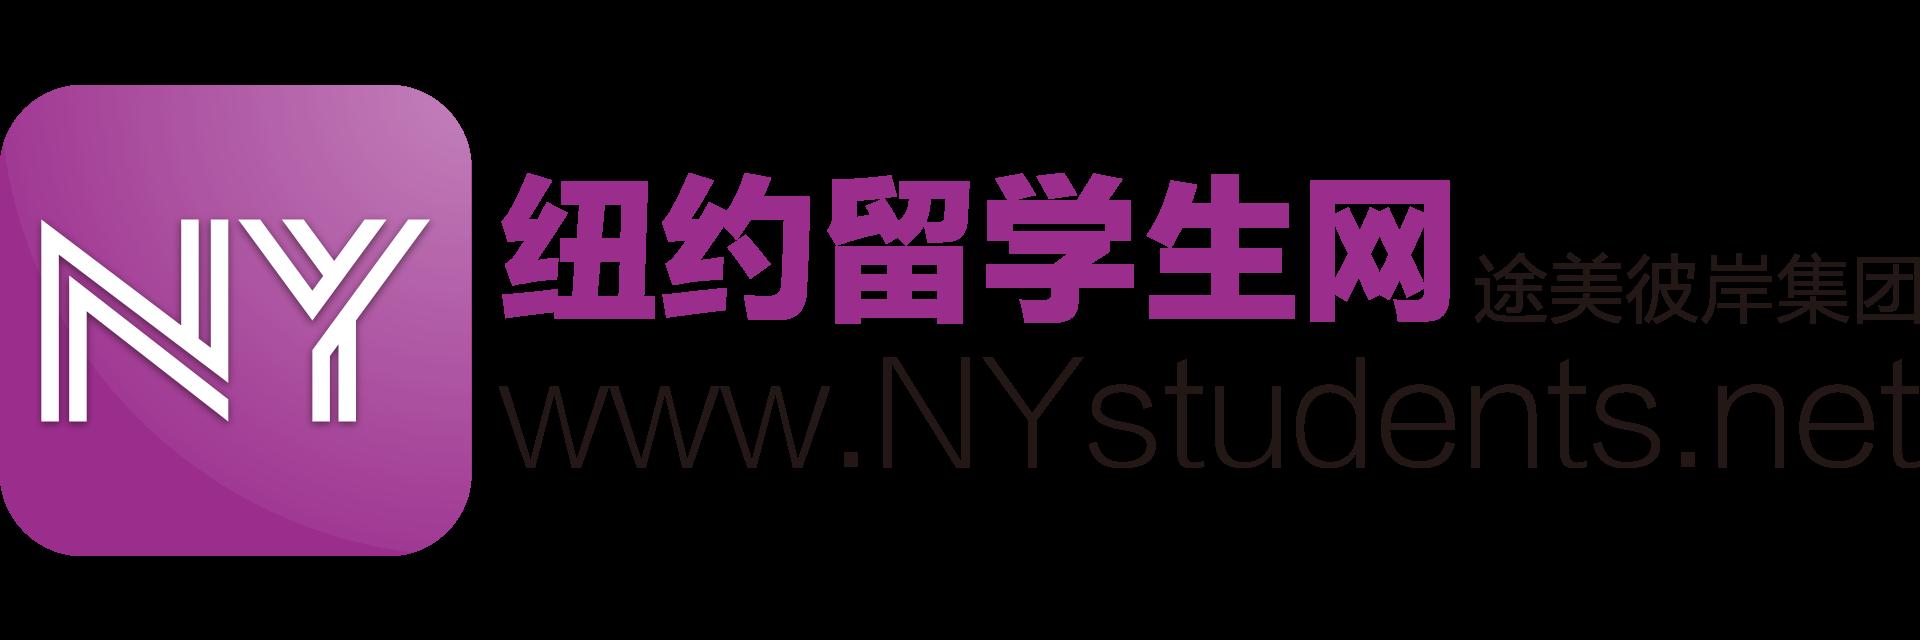 纽约留学生网